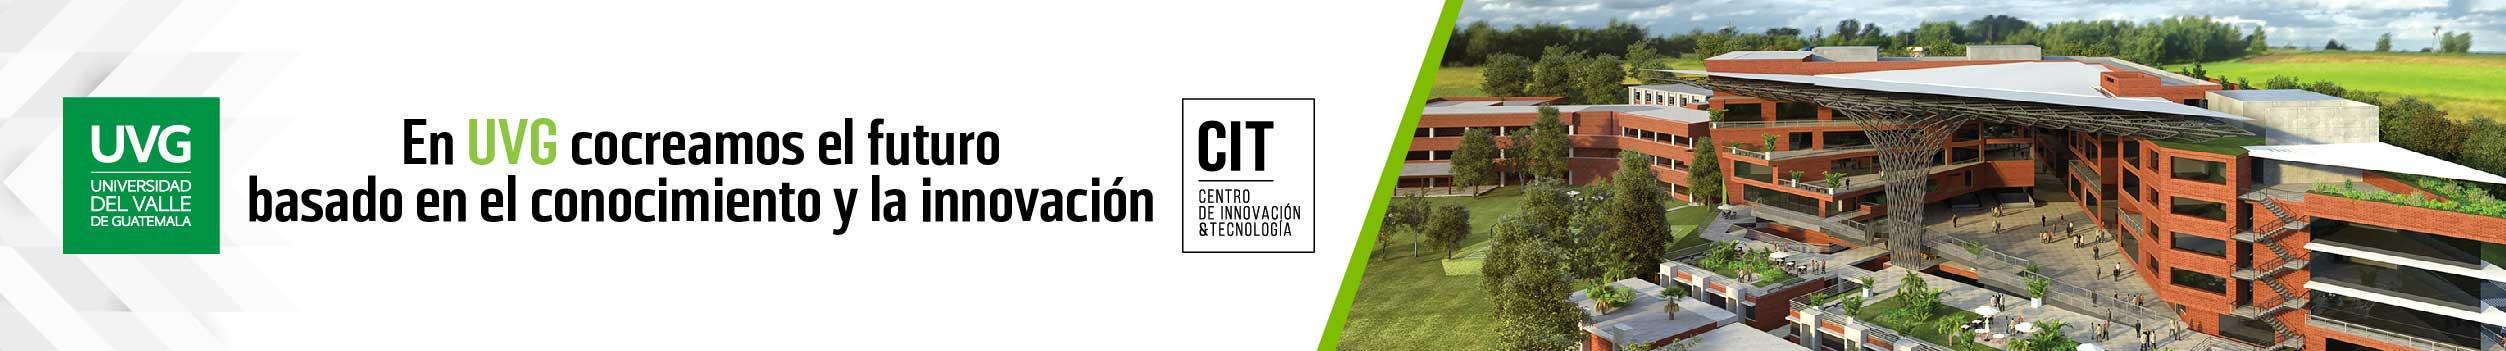 UVG - Centro de innovación y tecnología - CIT